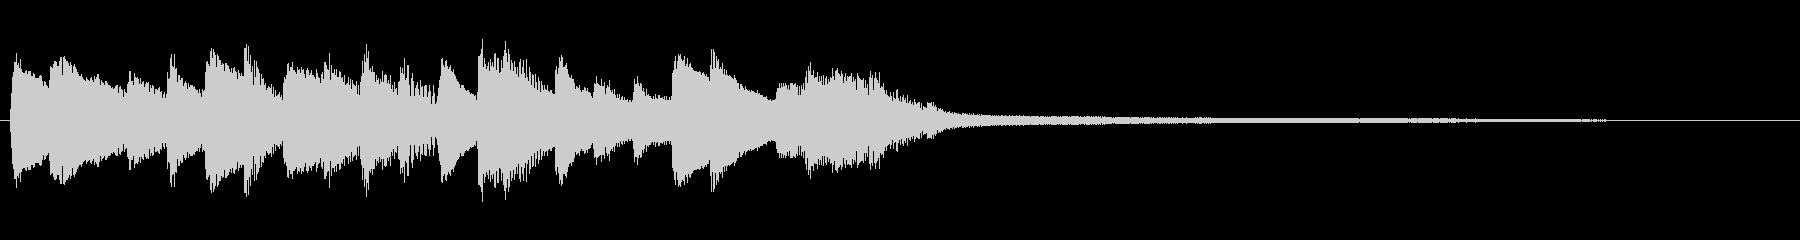 透明感のある優しいピアノジングルの未再生の波形